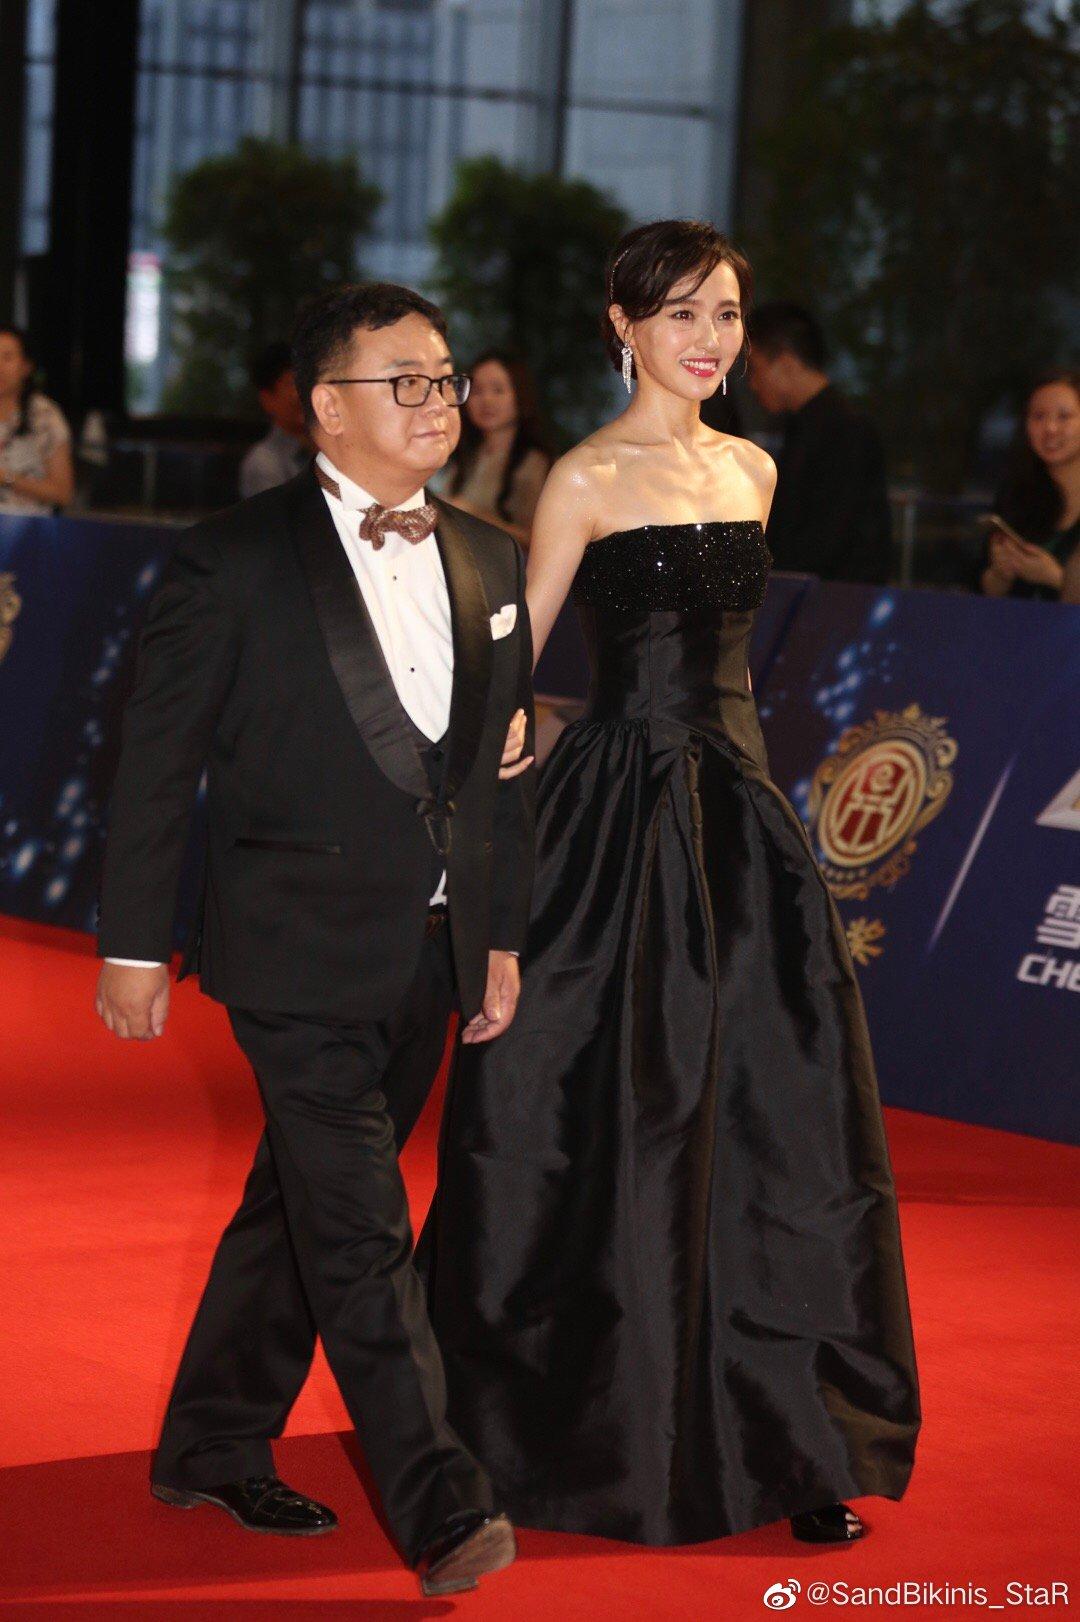 唐嫣早前红毯生图,一袭黑色缎面抹胸长礼服,难得成熟美艳一次!